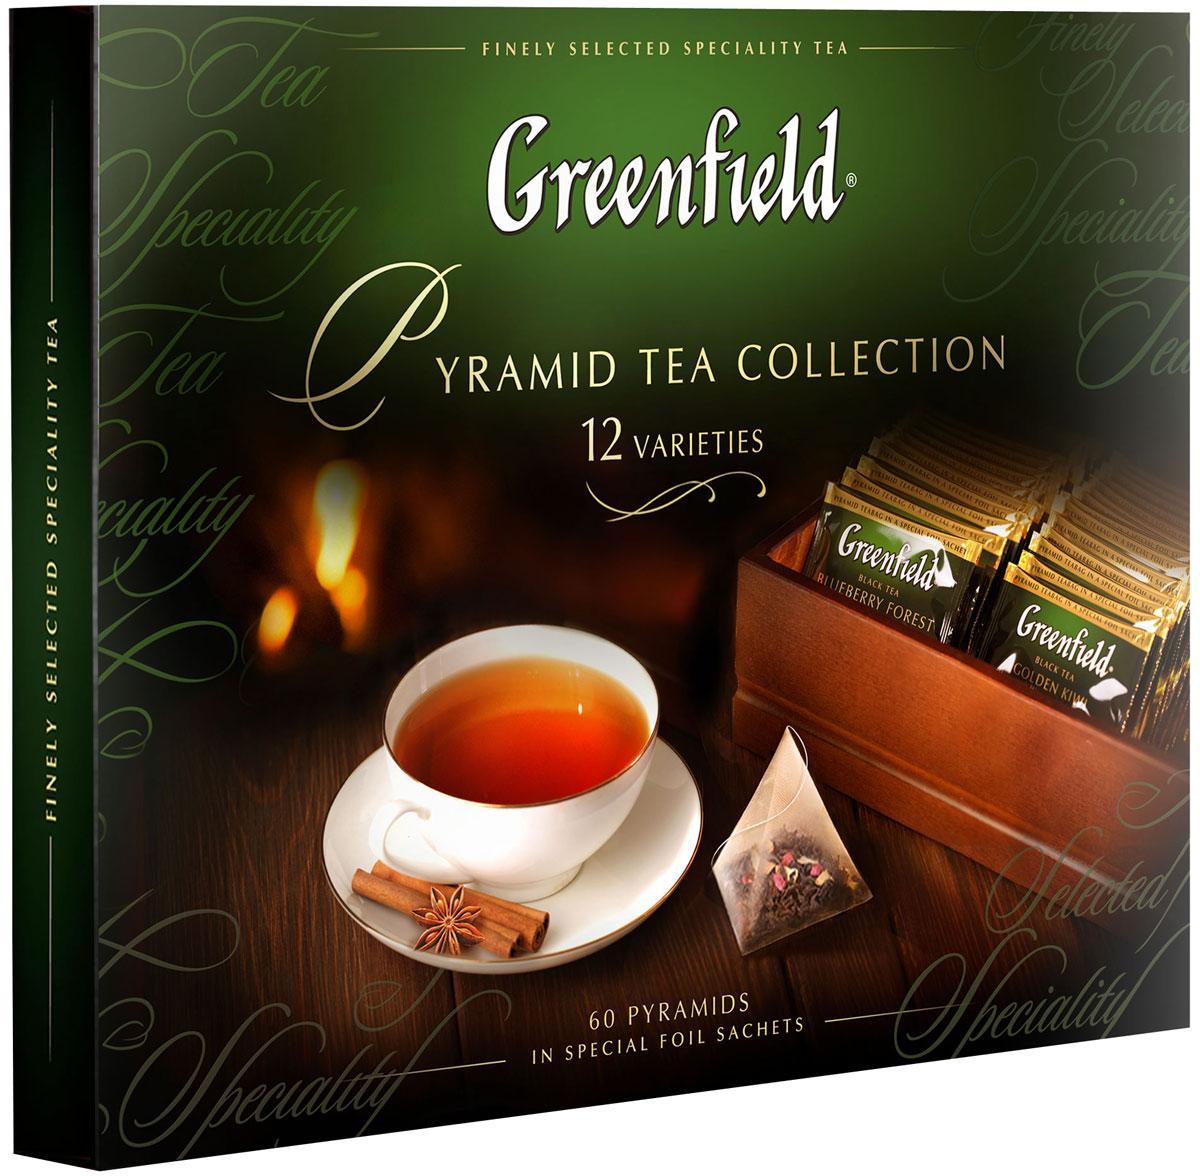 Greenfield Набор листового чая и чайного напитка в пакетиках-пирамидках, 12 видов1241-07В этой коллекции вы найдете превосходные сорта черного и зеленого чая, выращенные на известных плантациях Цейлона, Индии и Китая, а также изысканные композиции, в которых высококачественные чайные листья гармонично сочетаются с натуральными фруктами, ягодами, лепестками цветов и душистыми травами.В наборе 60 пакетиков-пирамидок, каждый из которых упакован в термосаше.